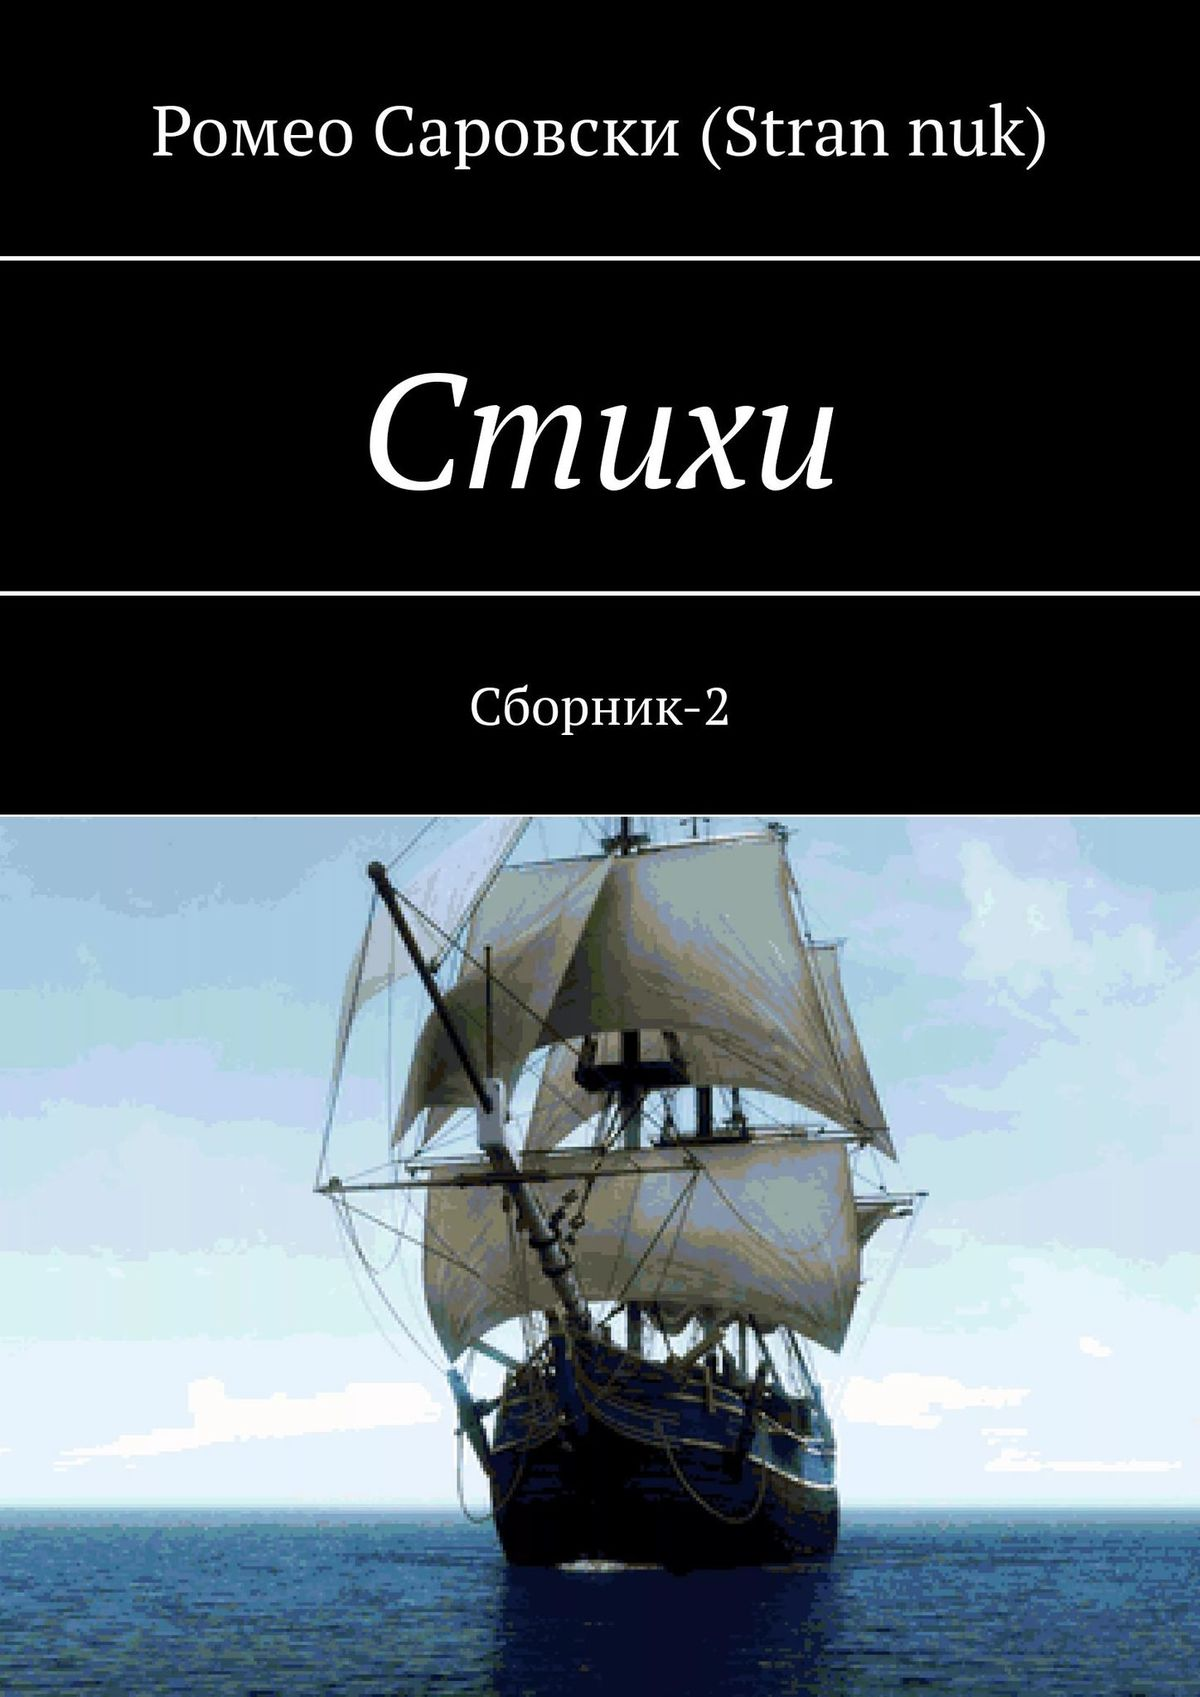 Роман Чукмасов (Stran nuk) - Стихи. Сборник-2